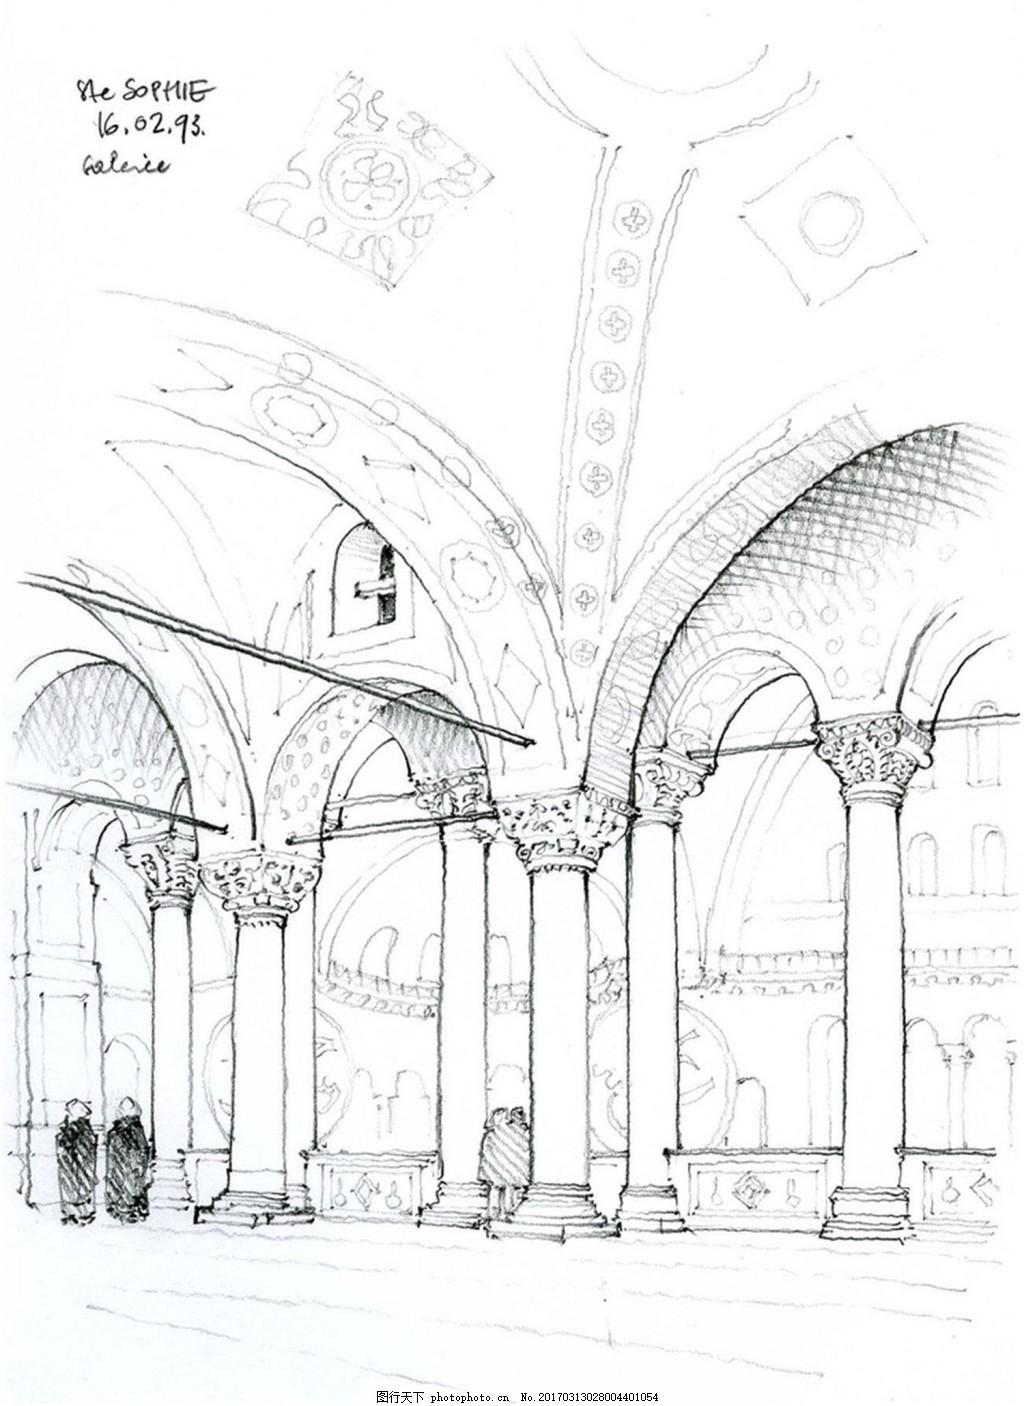 欧式建筑拱门柱 建筑平面图素材免费下载 手绘图 图纸 城堡 建筑施工